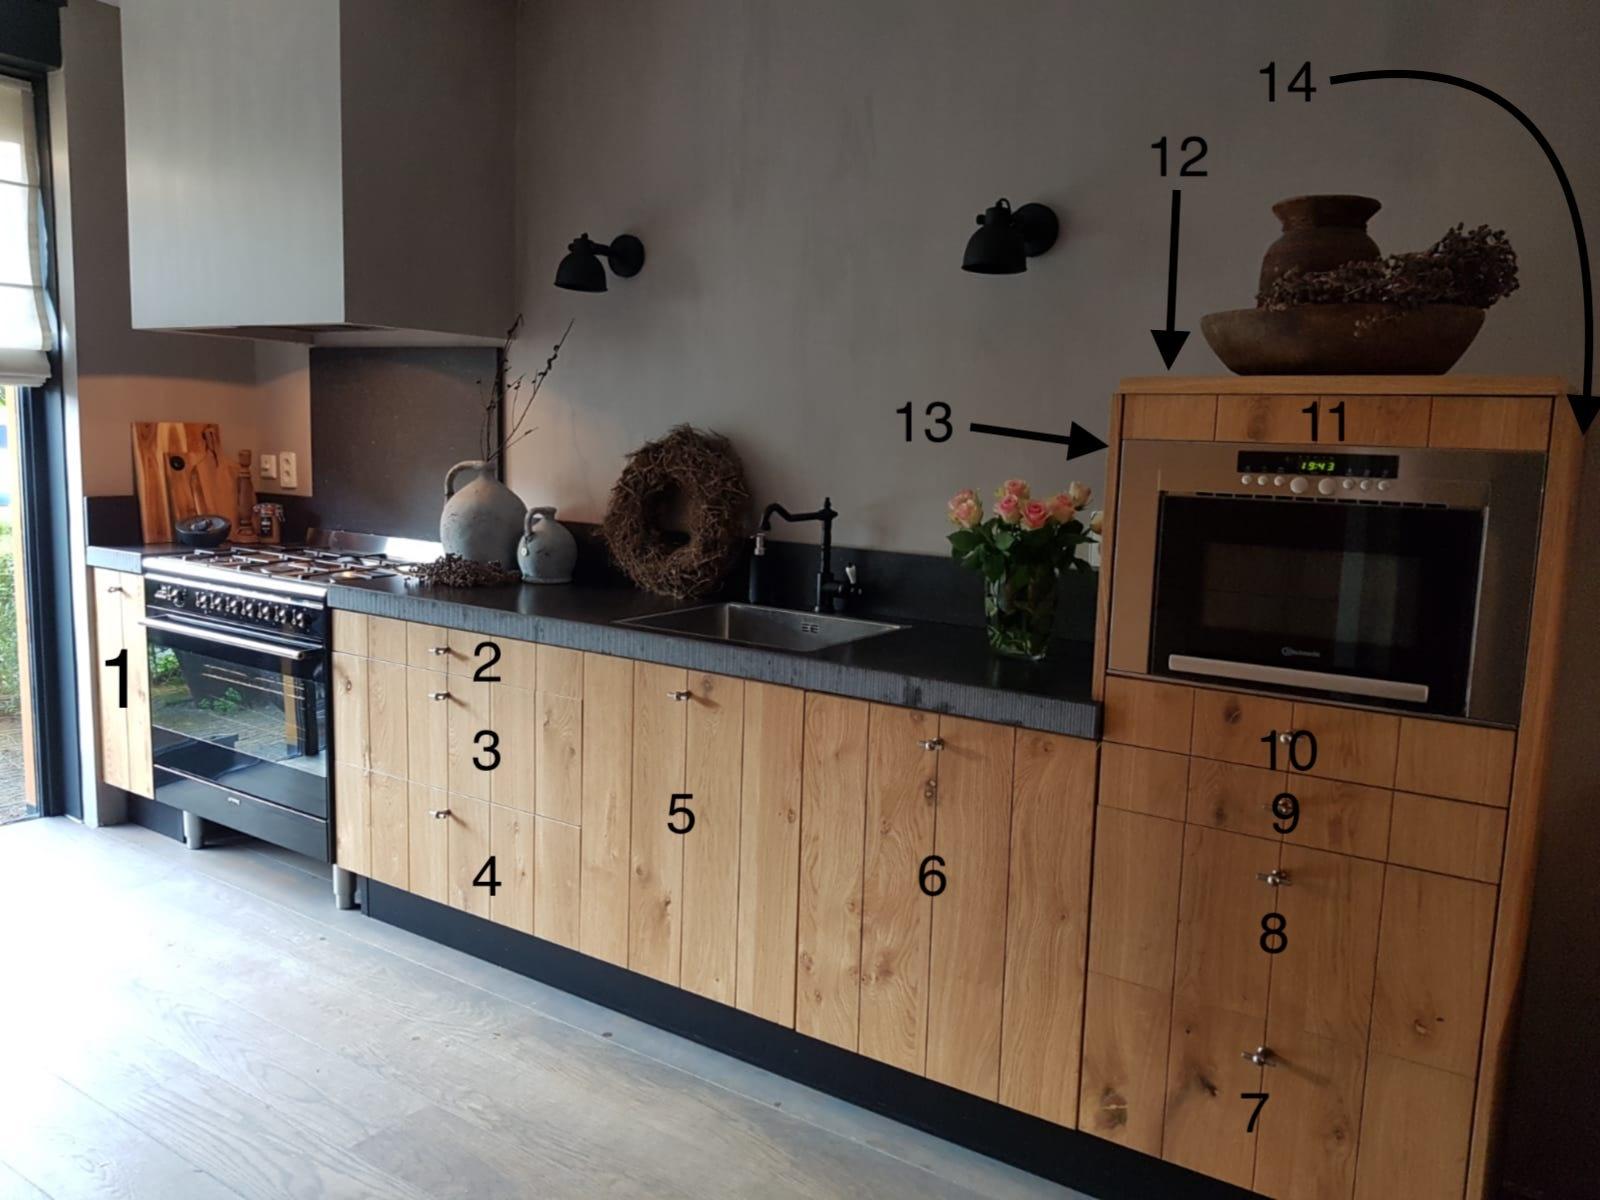 Hoe Gaan Wij Te Werk K14 Keukenrenovatie